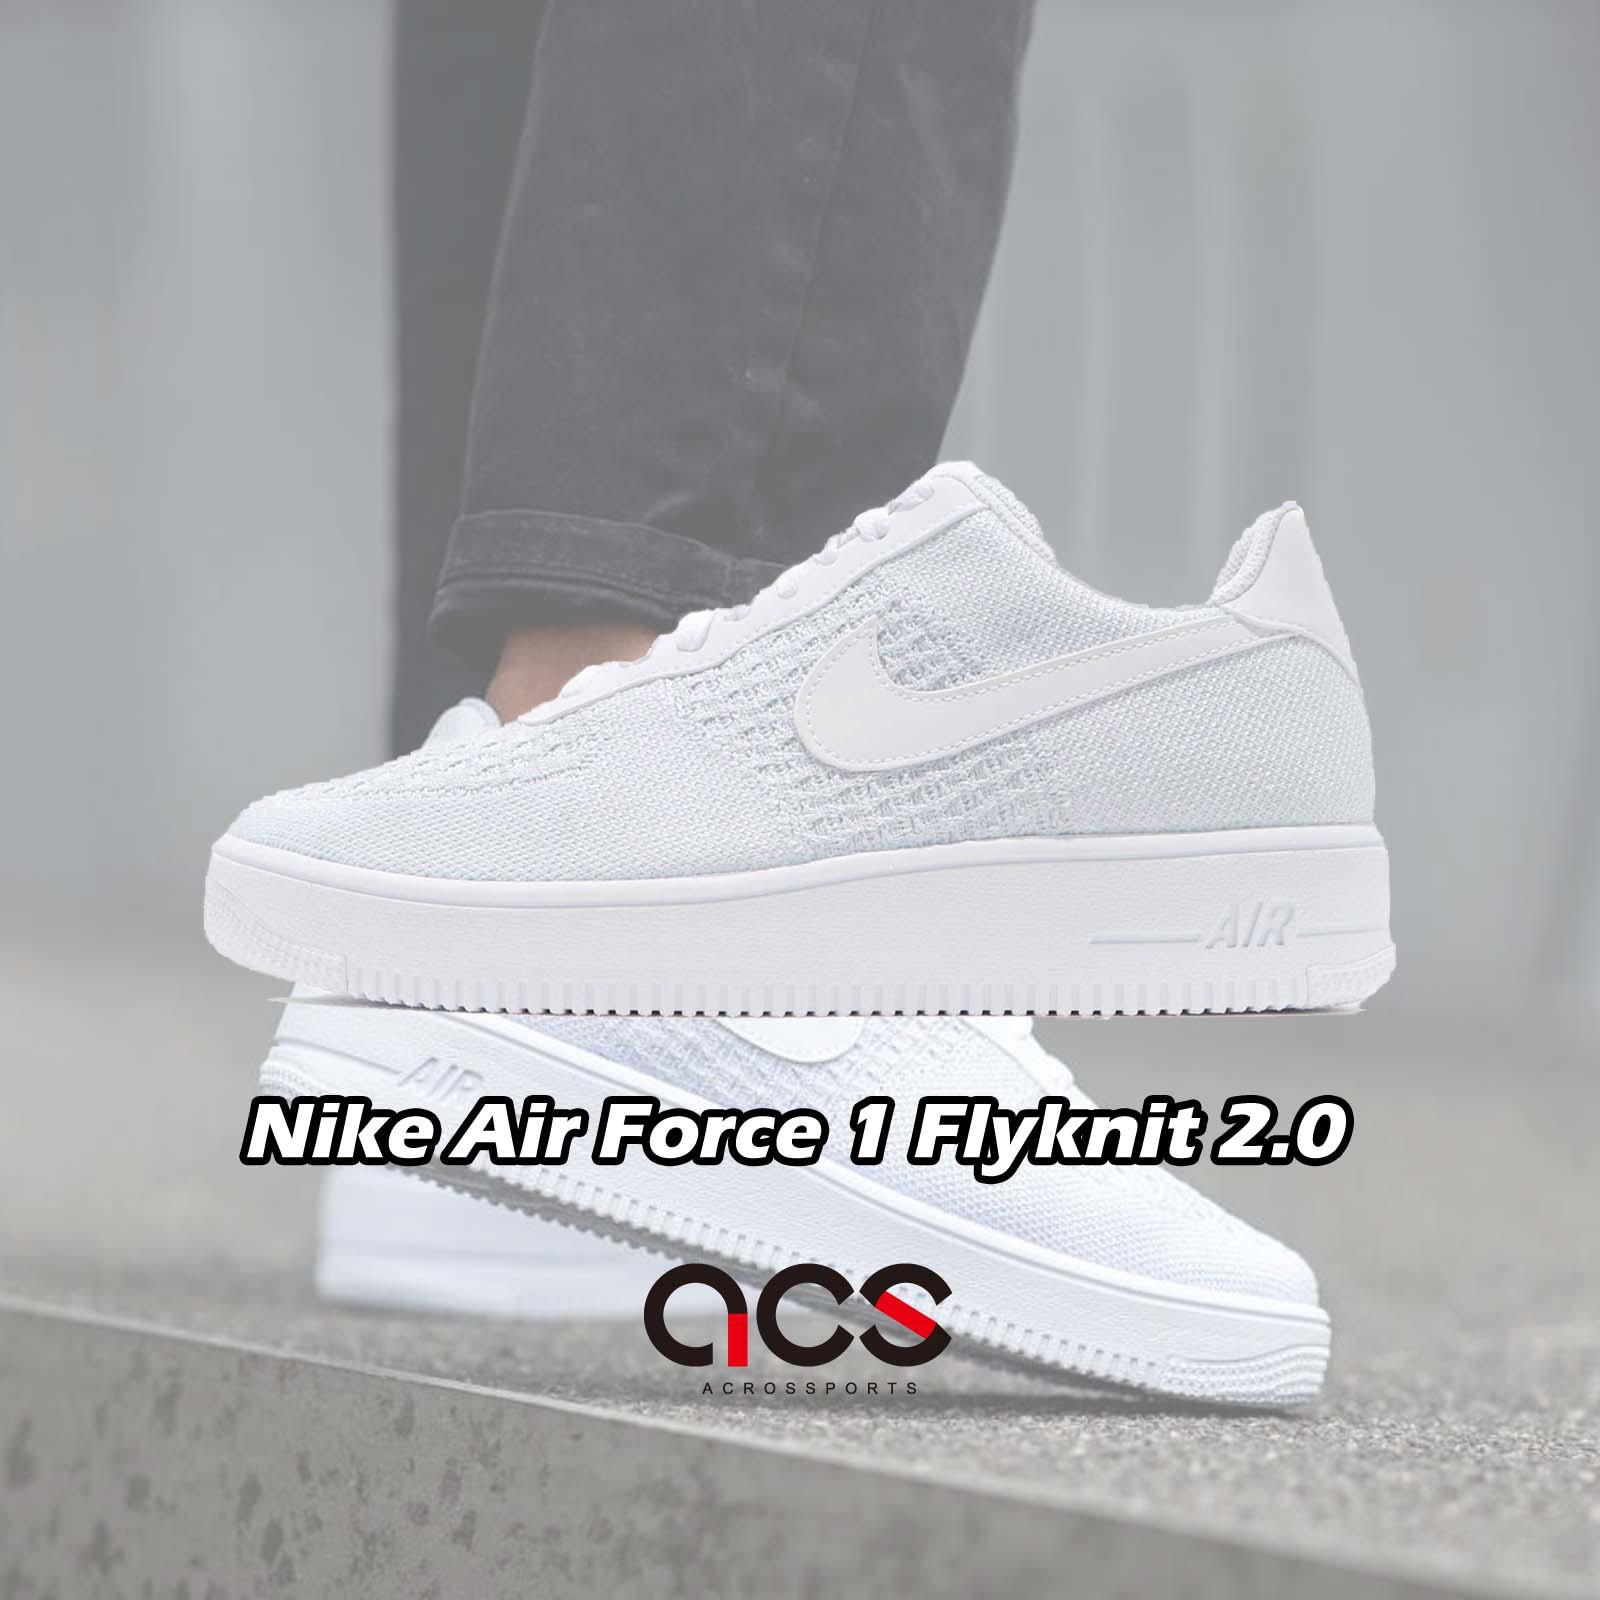 Nike 休閒鞋 Air Force 1 Flyknit 2.0 白 灰 針織 男鞋 【ACS】 AV3042-100